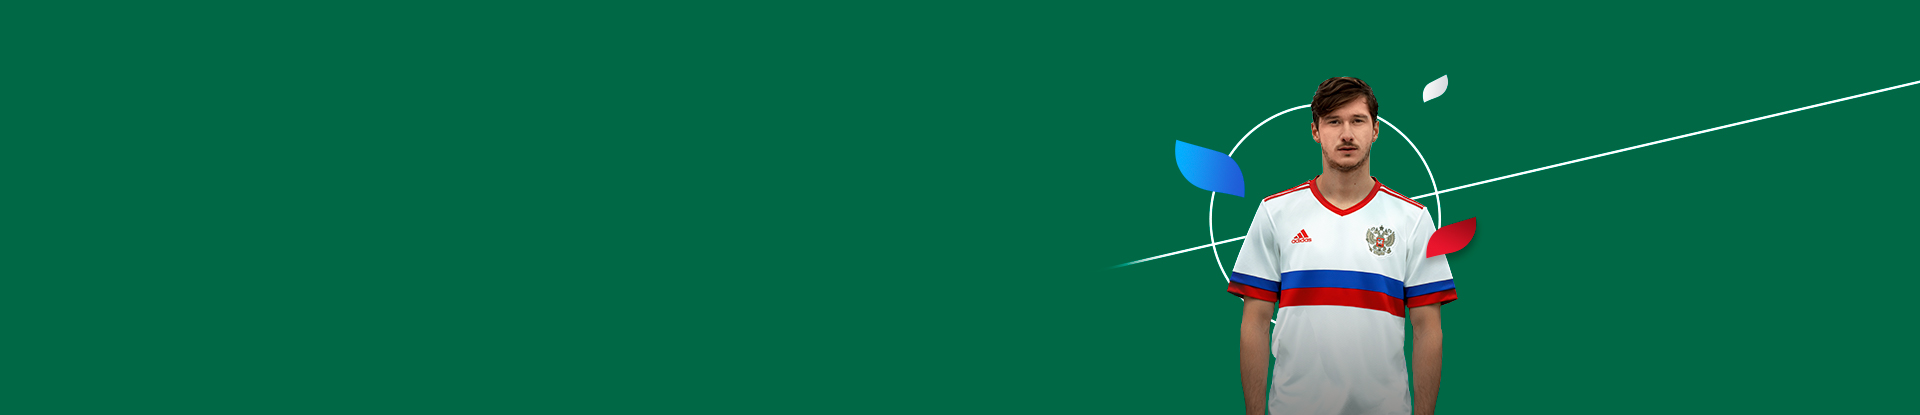 Поддерживай сборную России по футболу - получай выгоду в adidas